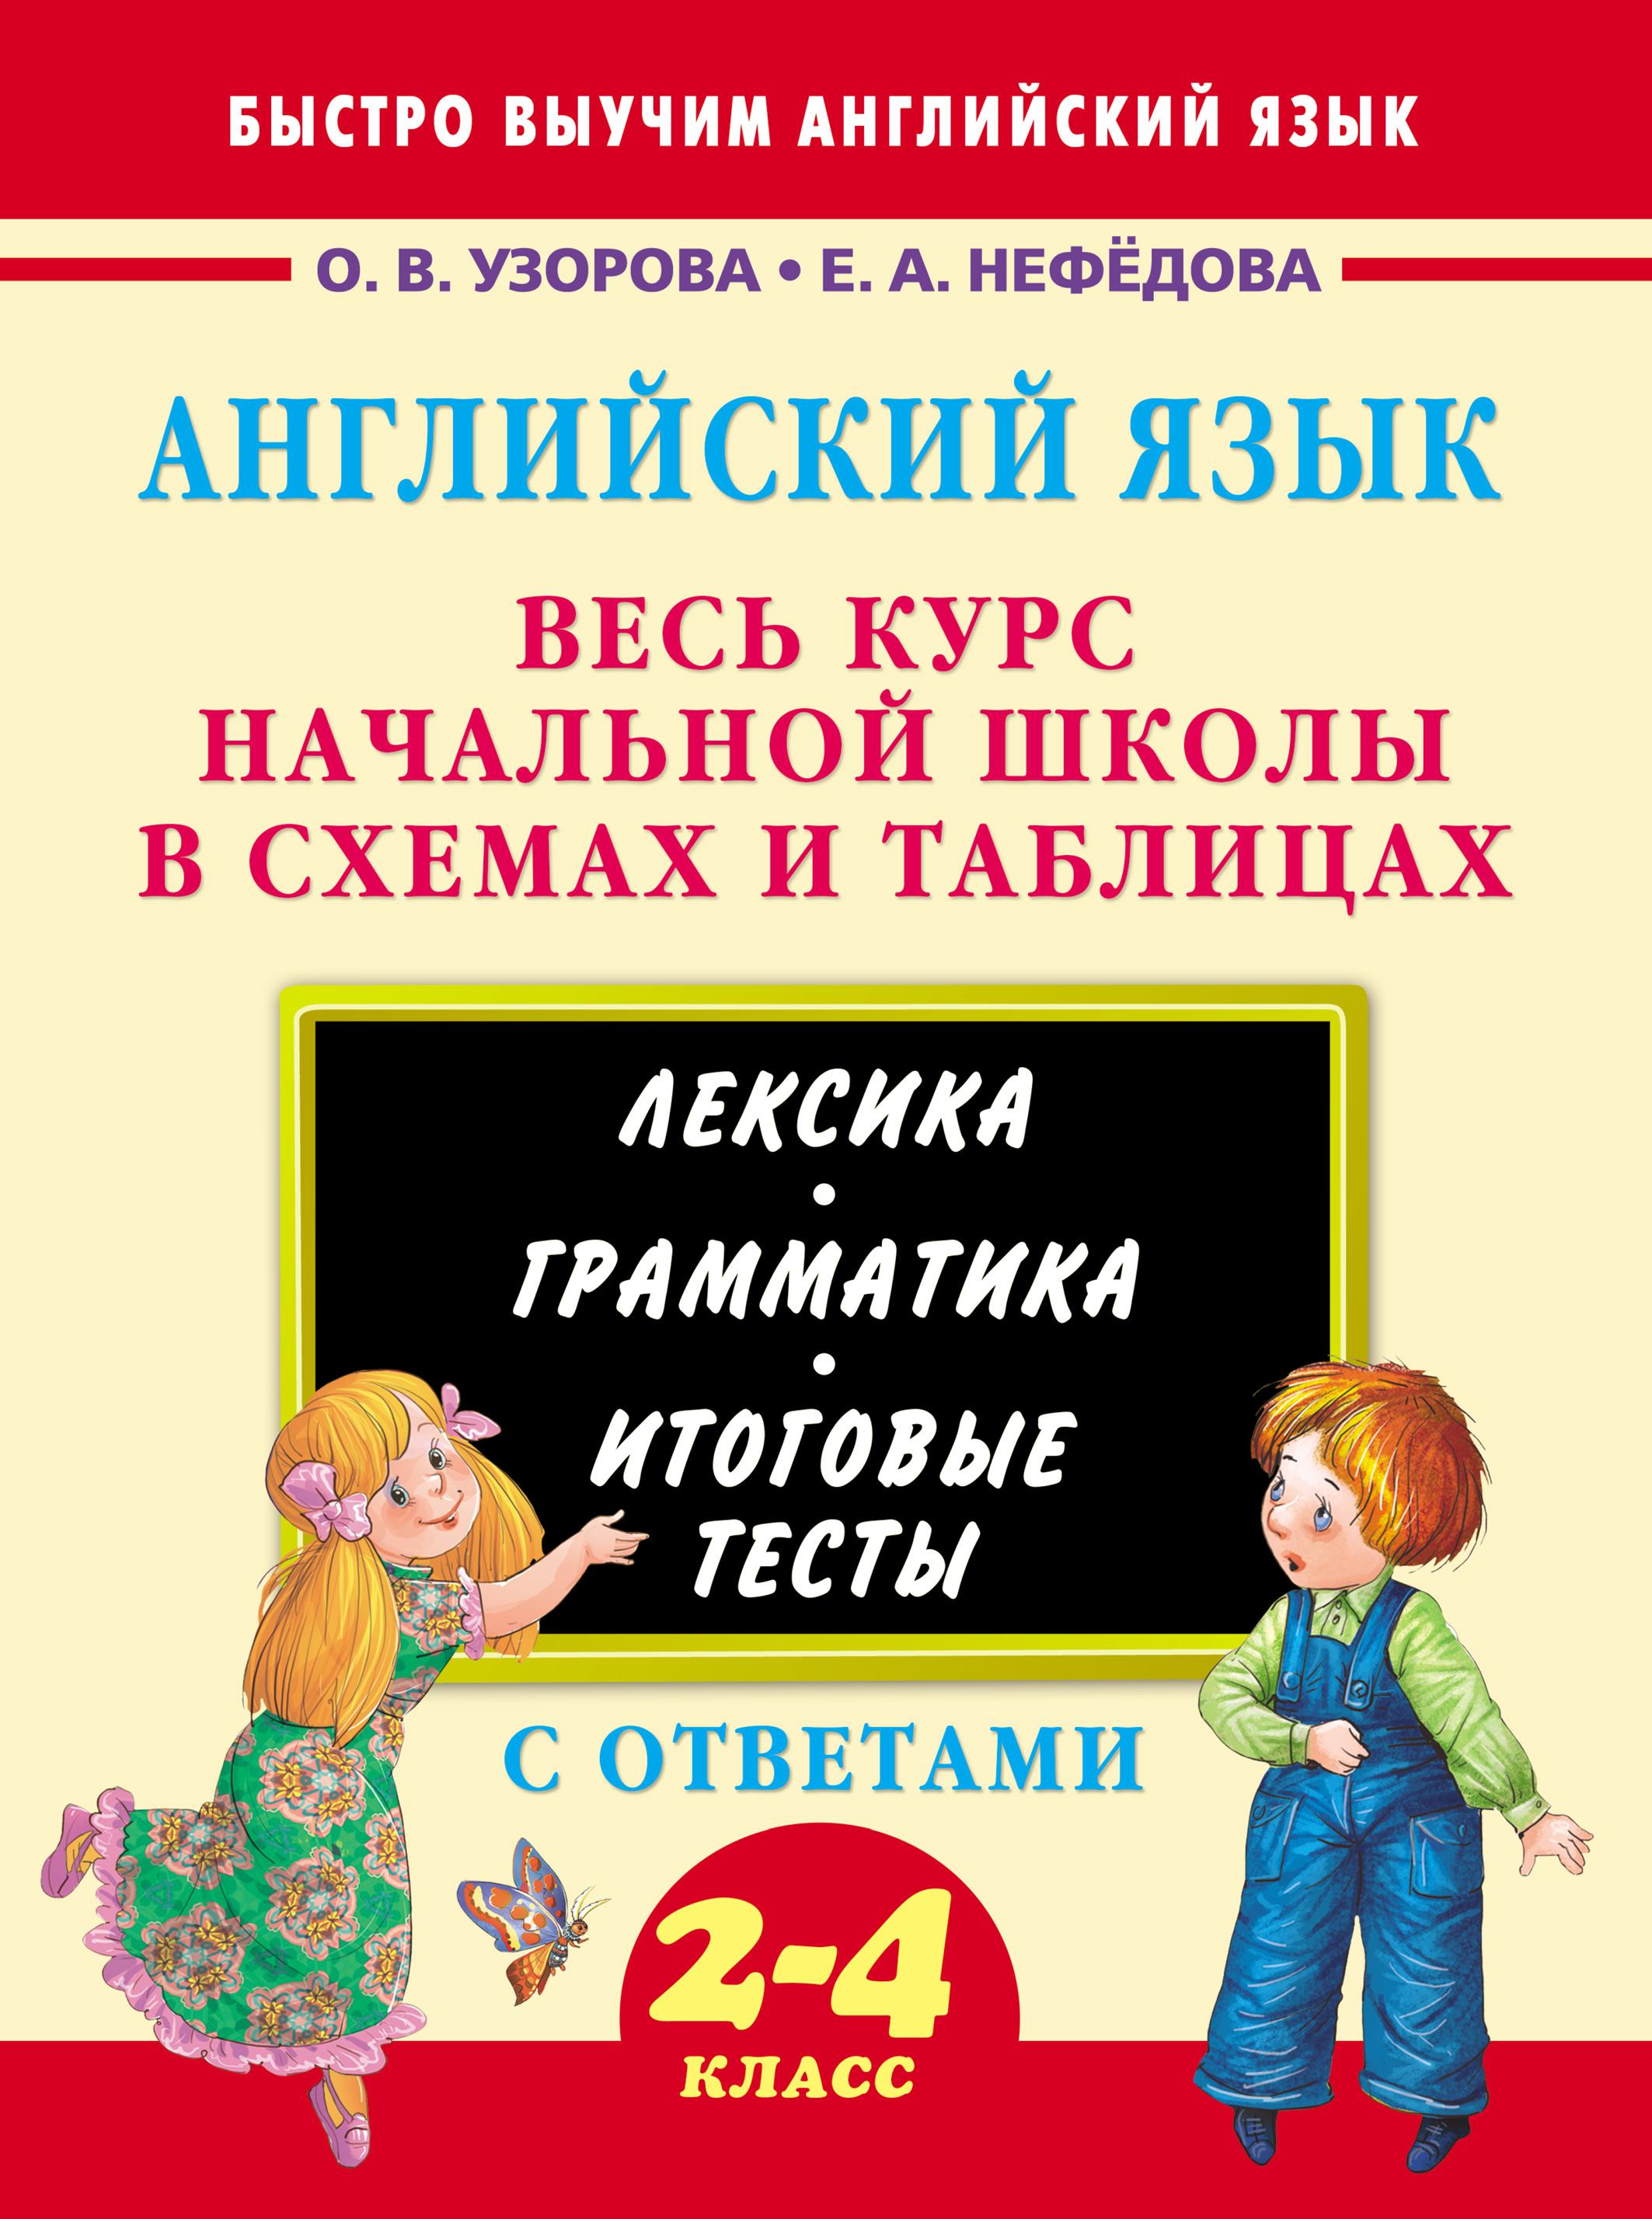 Английский язык. Весь курс начальной школы в схемах и таблицах